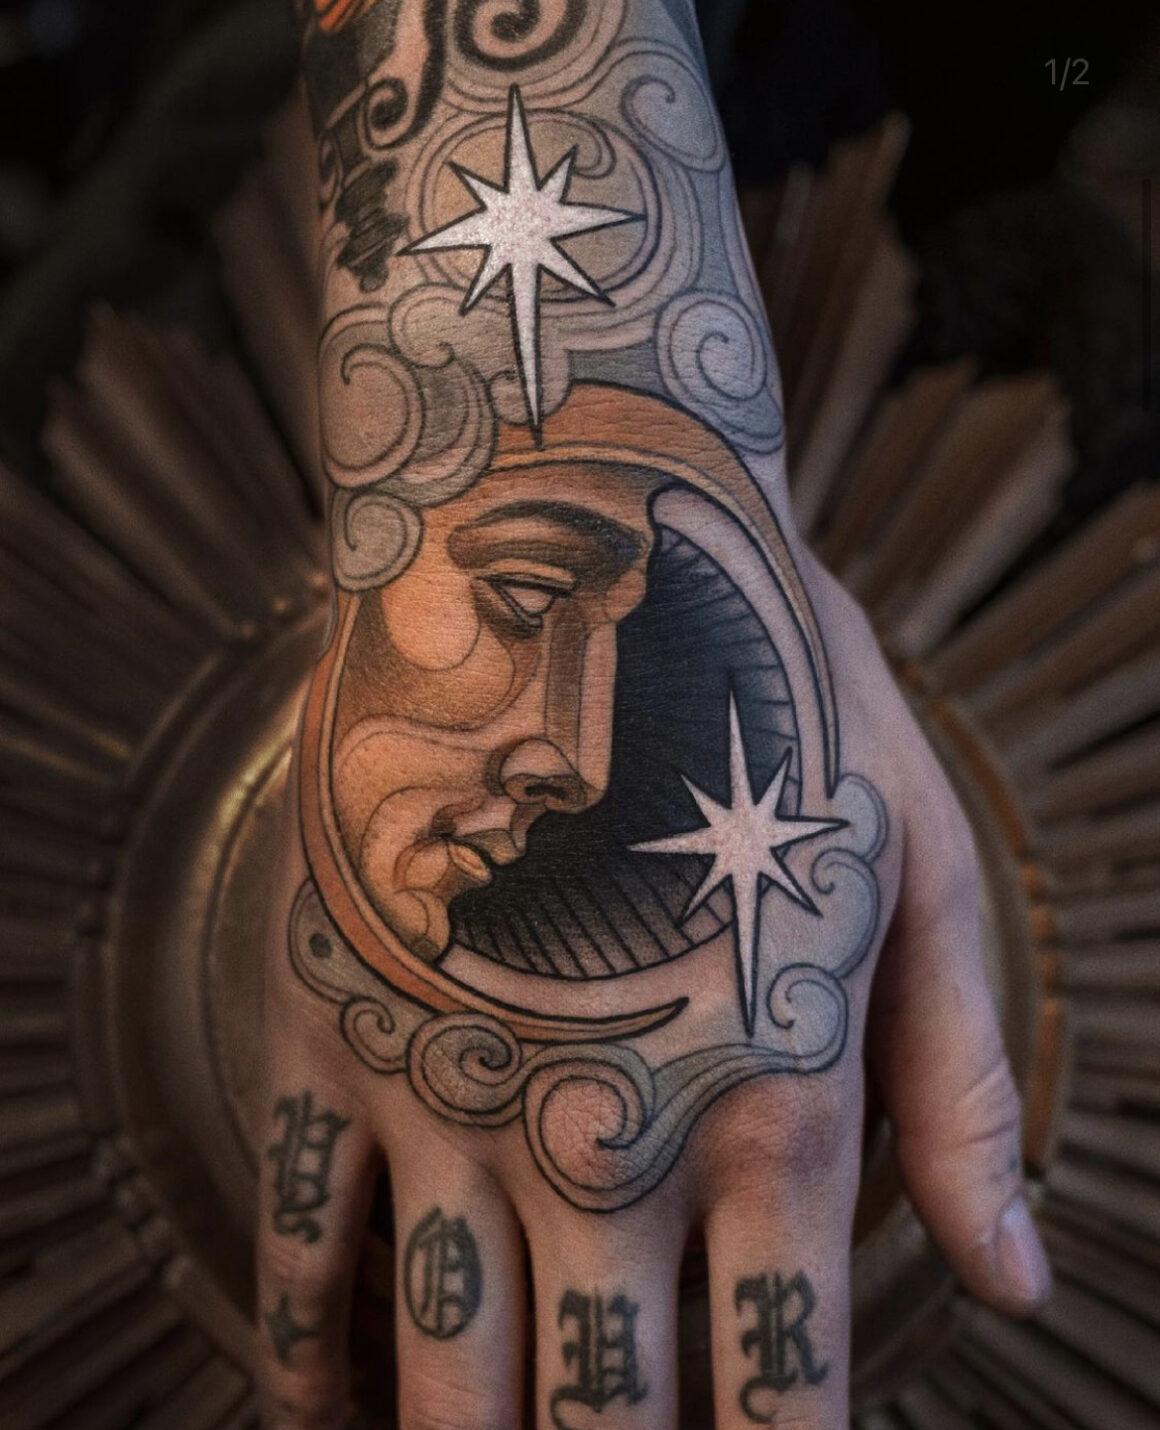 Chris Green, Swan St. Tattoo, Manchester, UK